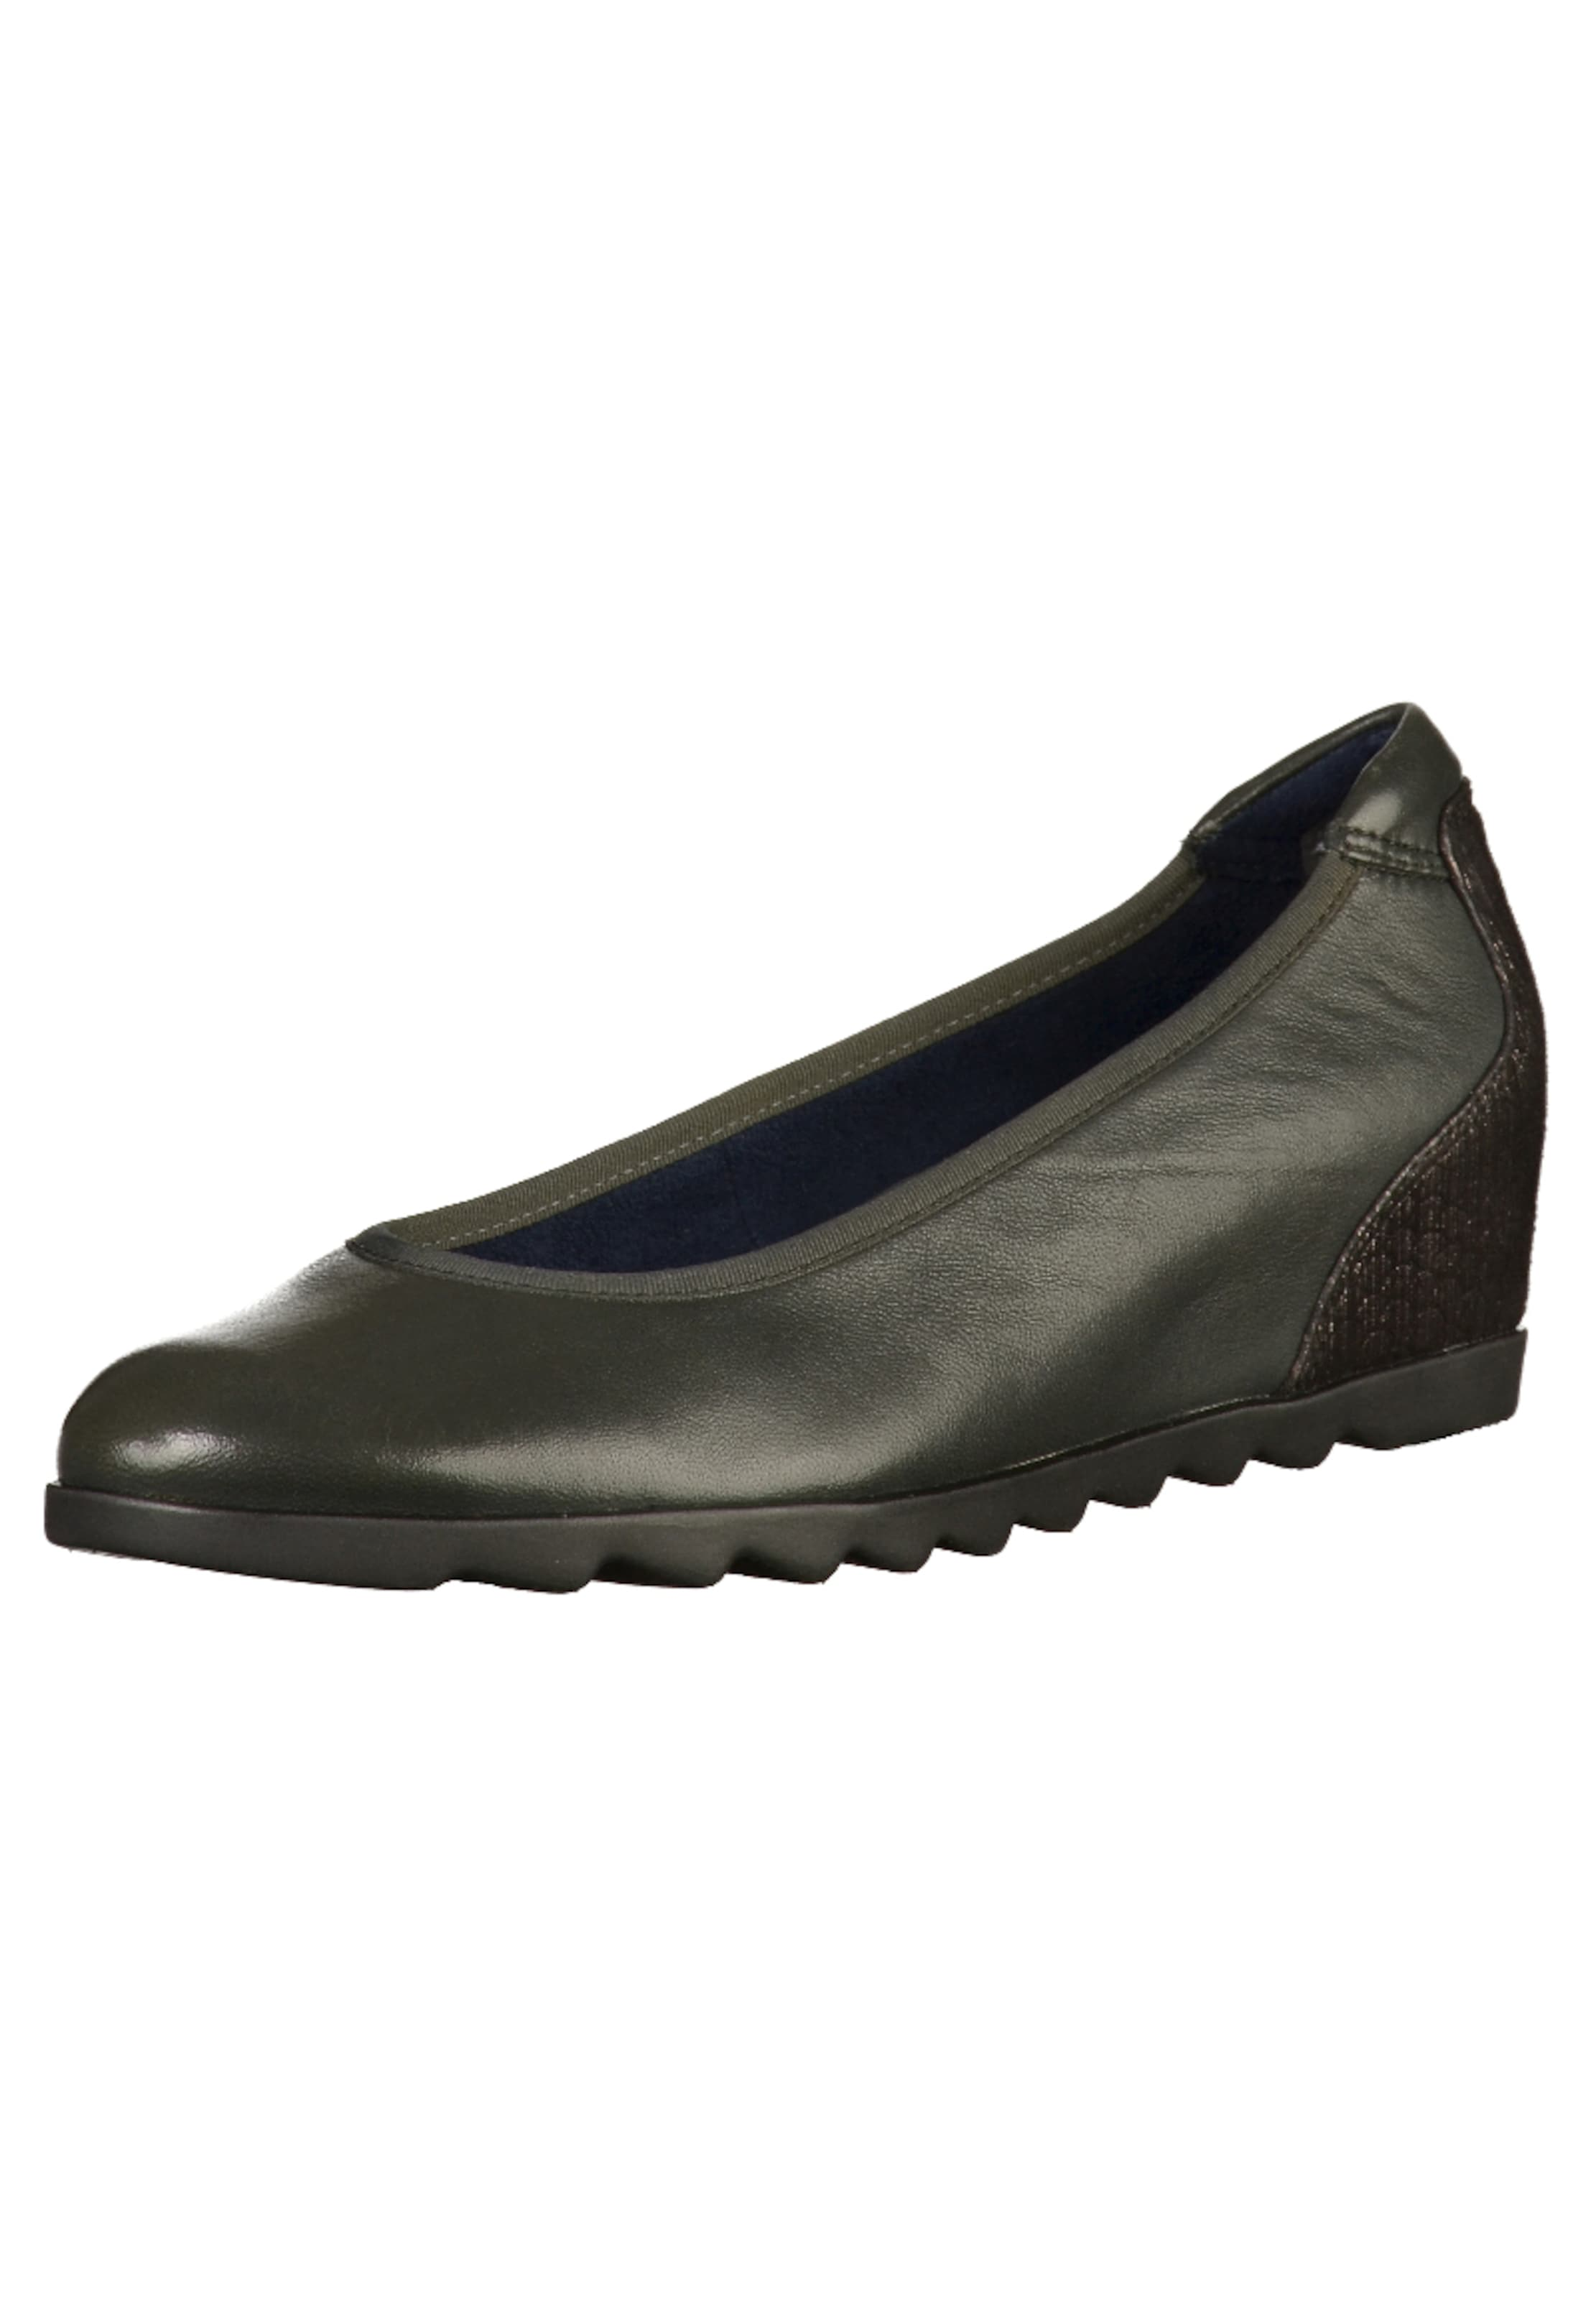 TAMARIS Pumps Verschleißfeste billige Schuhe Hohe Qualität